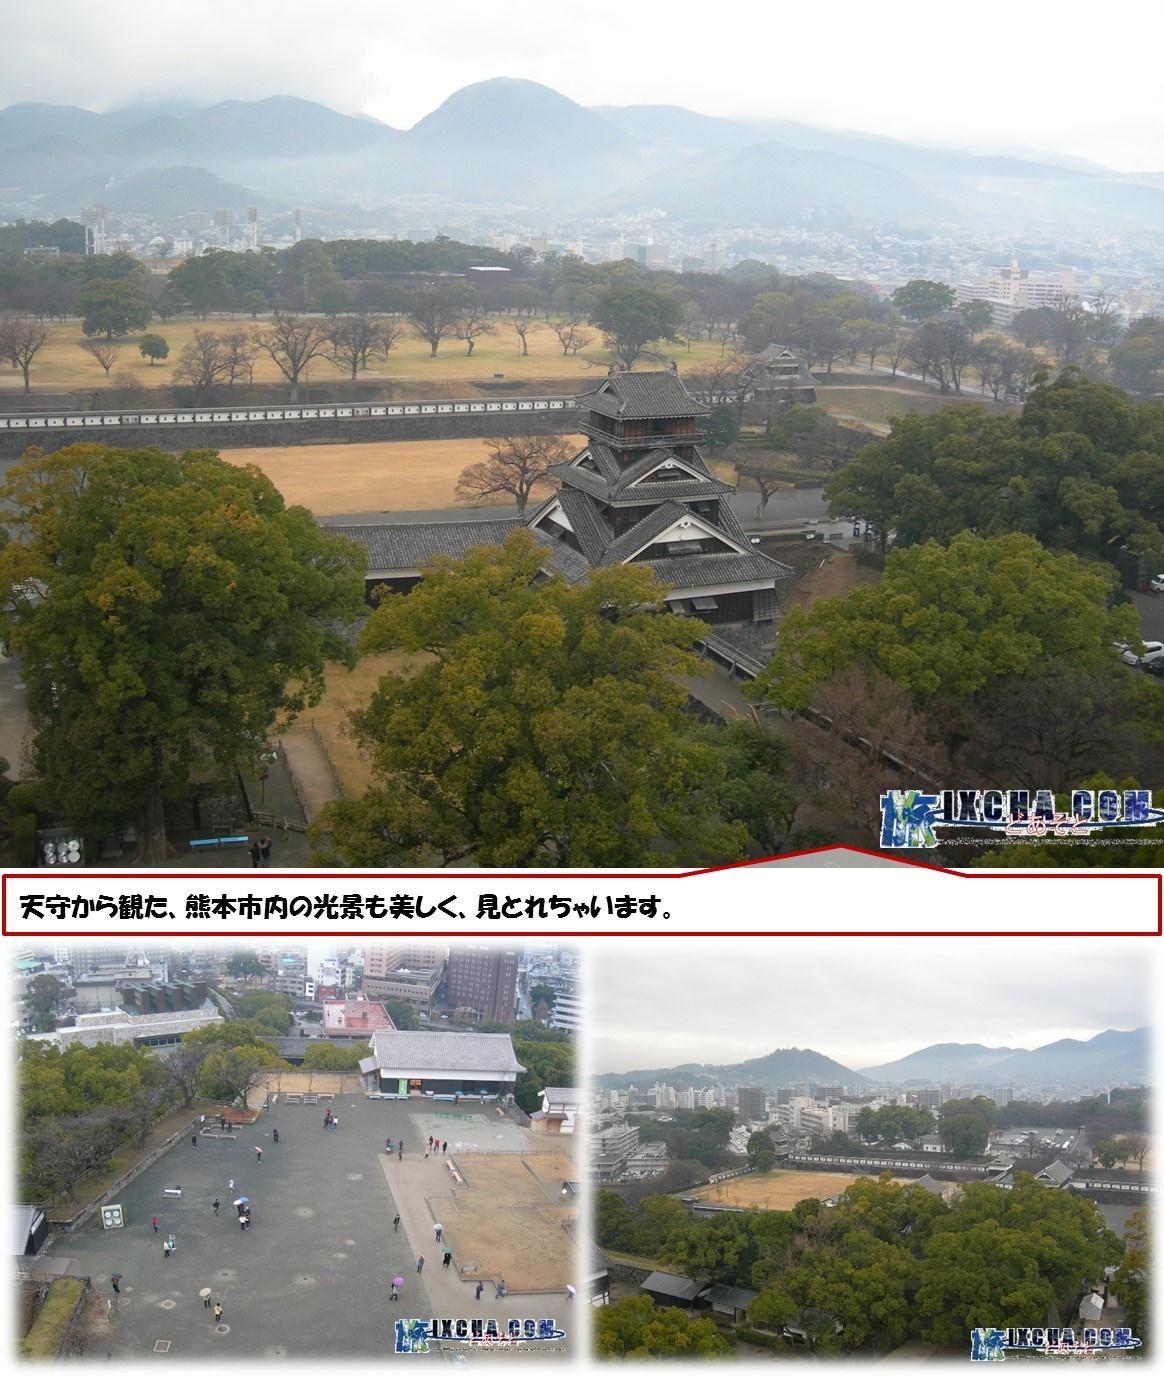 天守から観た、熊本市内の光景も美しく、見とれちゃいます。